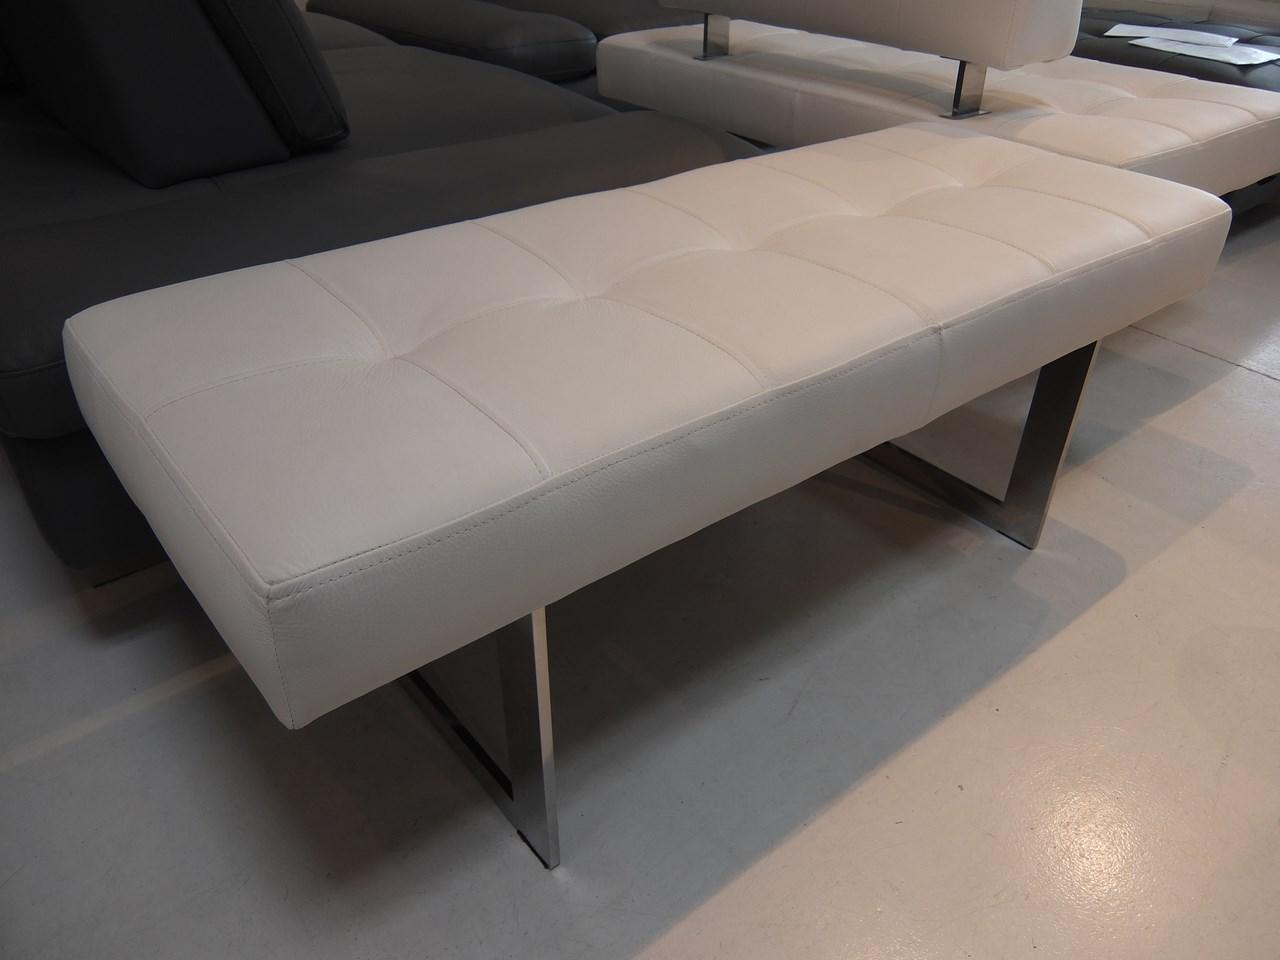 banc 120 cm poolside cuir nubia neige blog de seanroyale. Black Bedroom Furniture Sets. Home Design Ideas